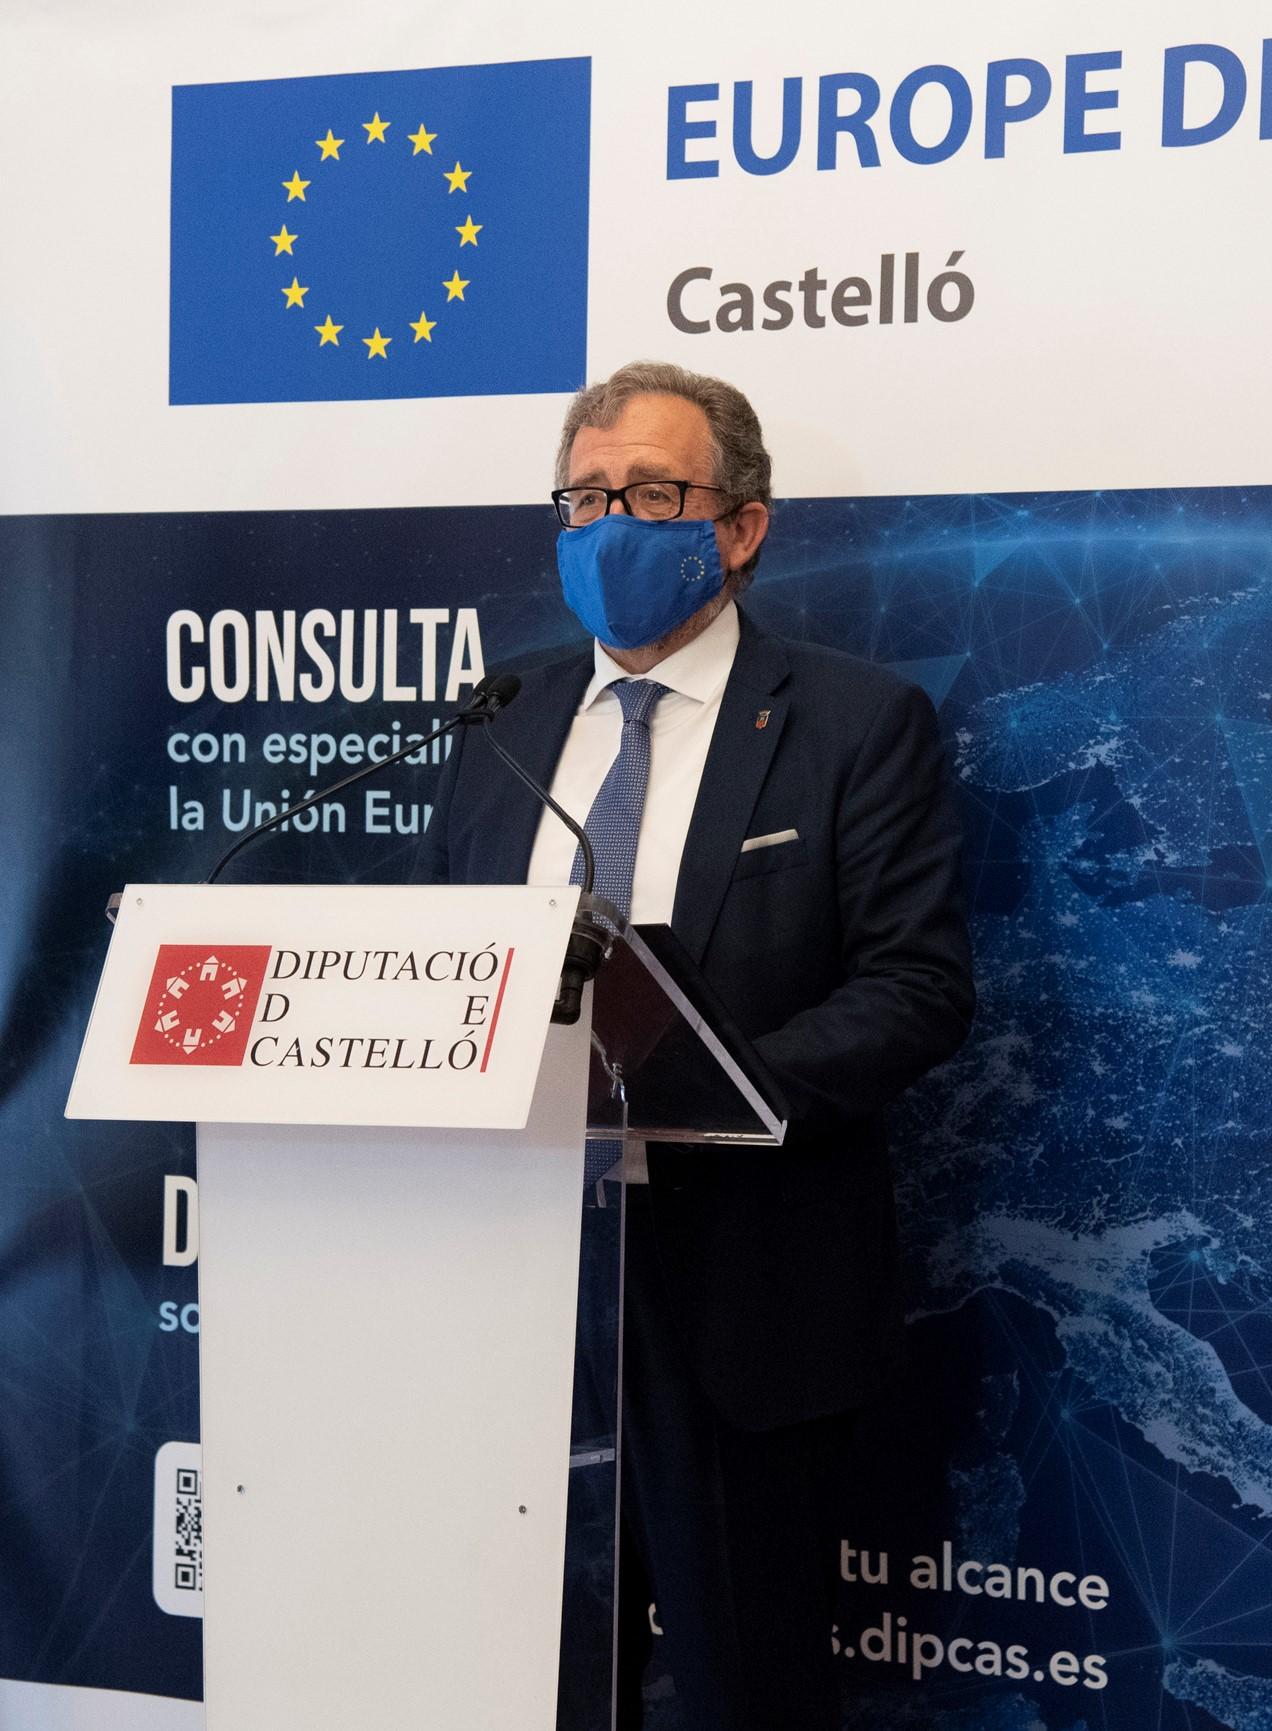 La Diputación de Castellón financia con 100.000 euros la asistencia técnica de la FVMP para fondos europeos a los ayuntamientos de menos de 5.000 habitantes